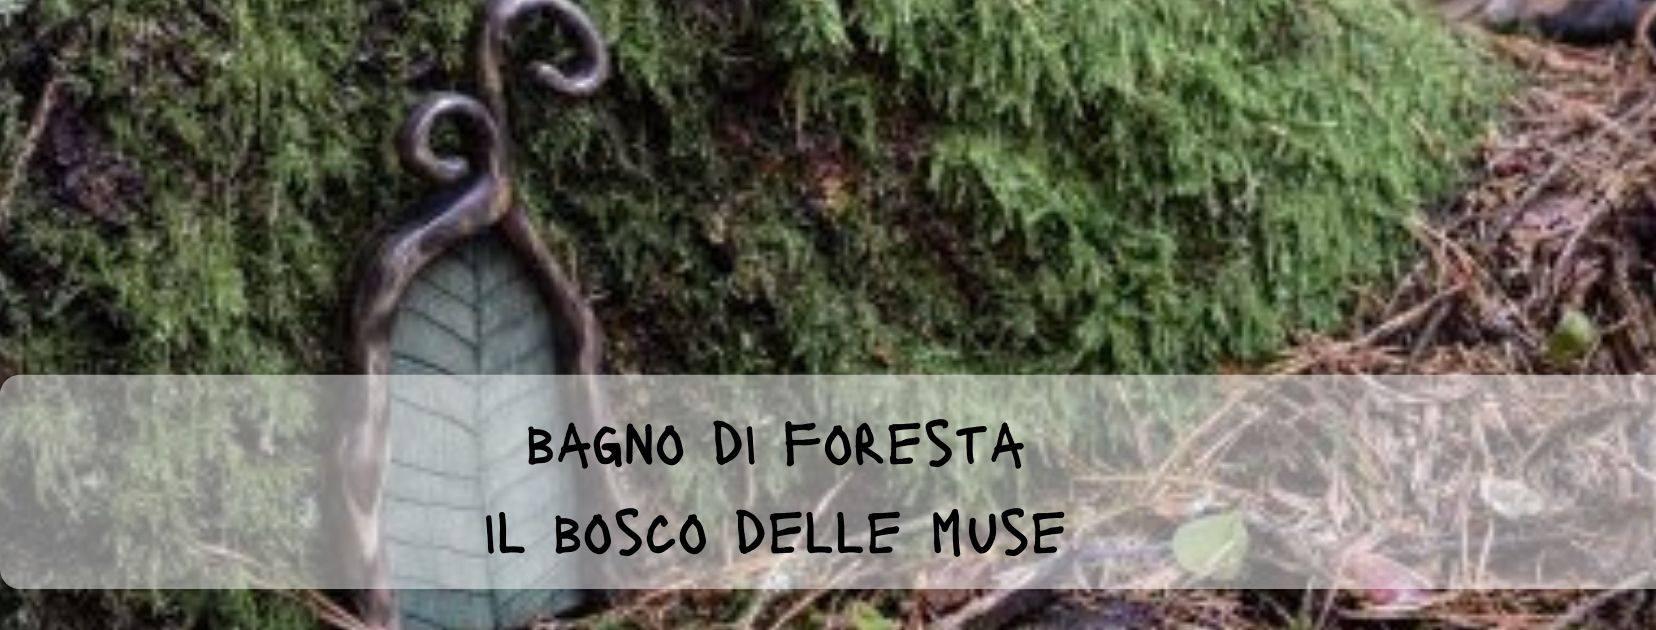 Bagno di foresta: Il bosco delle Muse